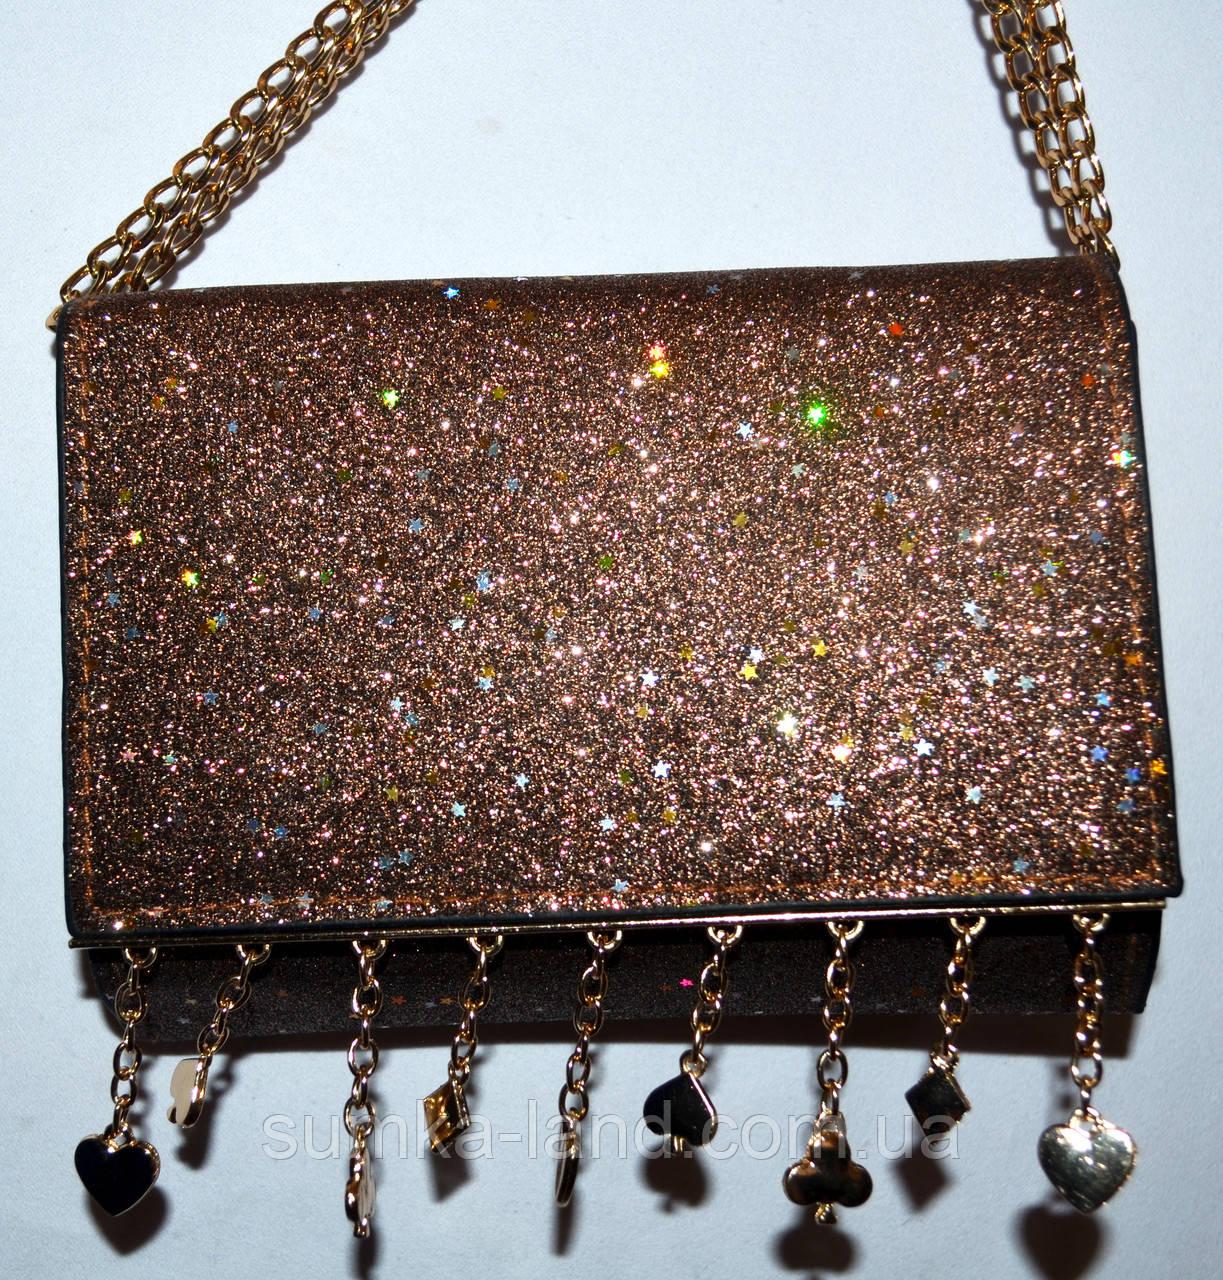 Женский блестящий коричневый клатч на цепочке с украшением 18*14 см